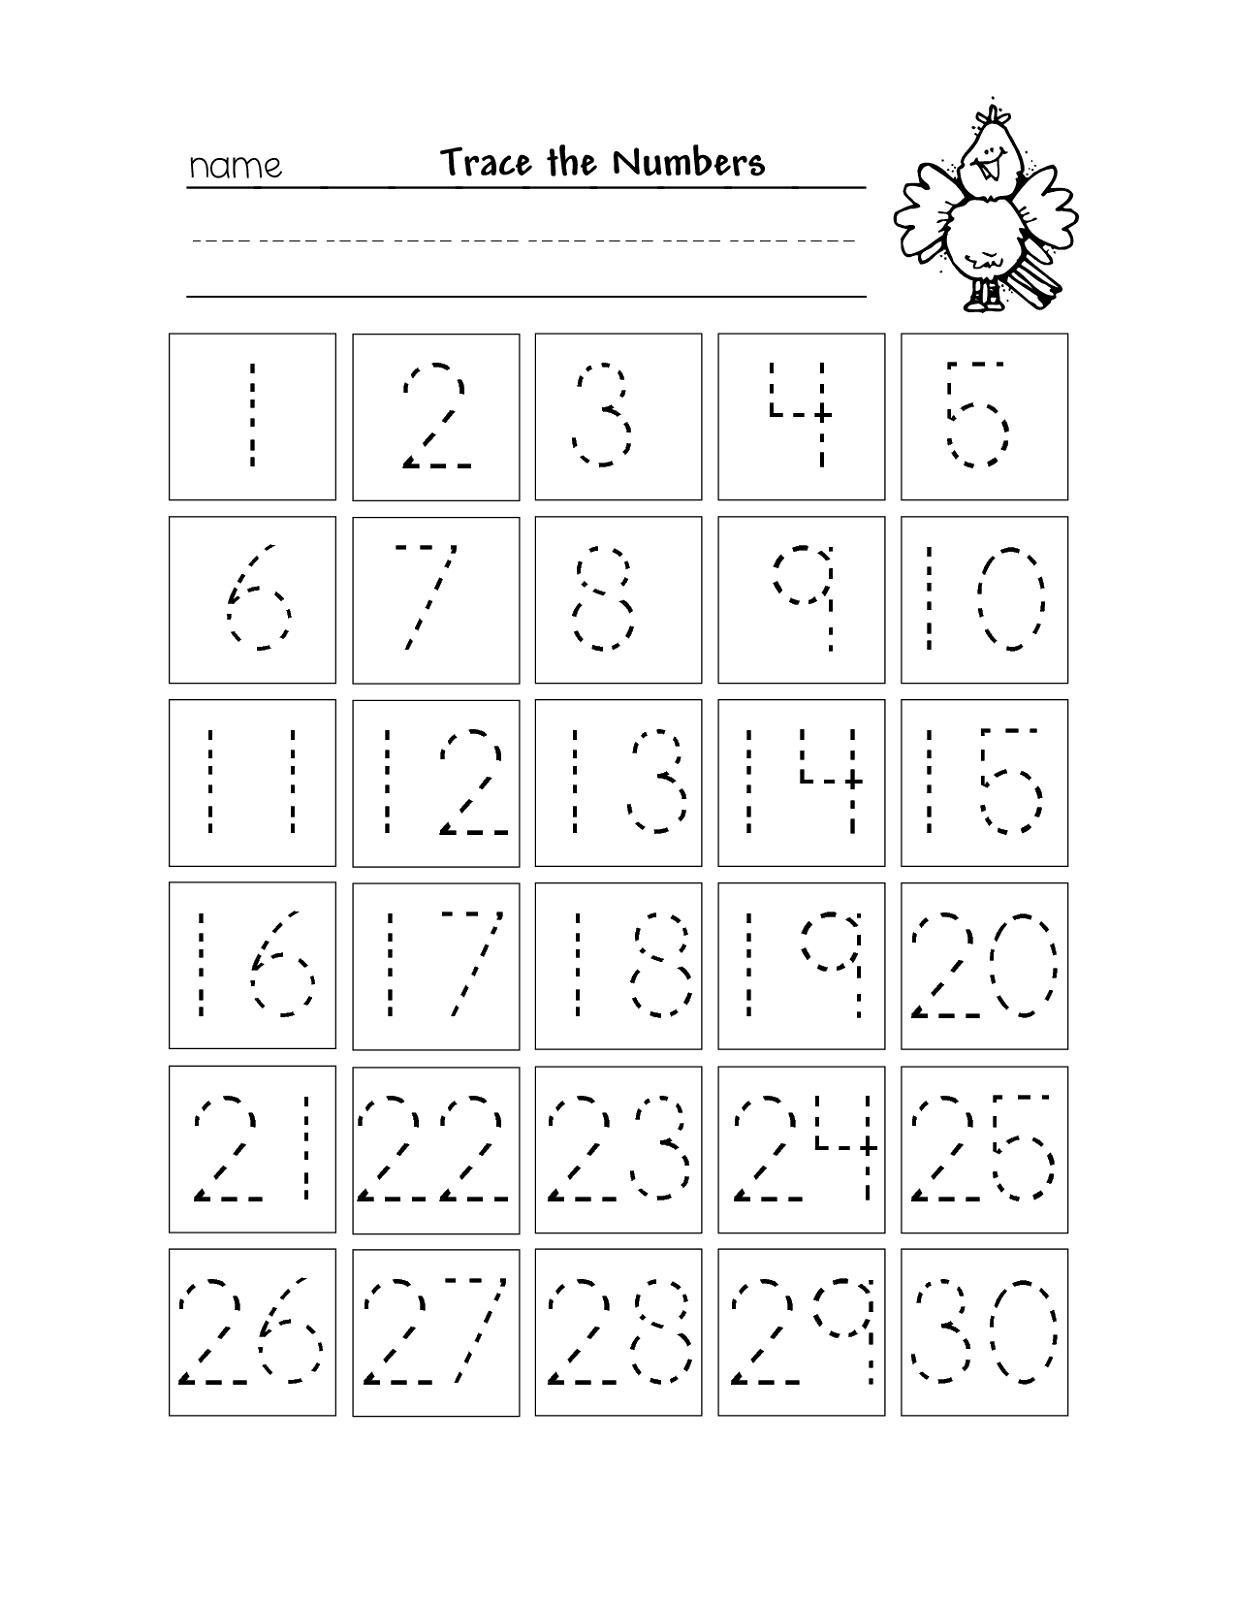 Free Printable Number Chart 1-30 | Kinder | Number Tracing - Free Printable Number Line To 30